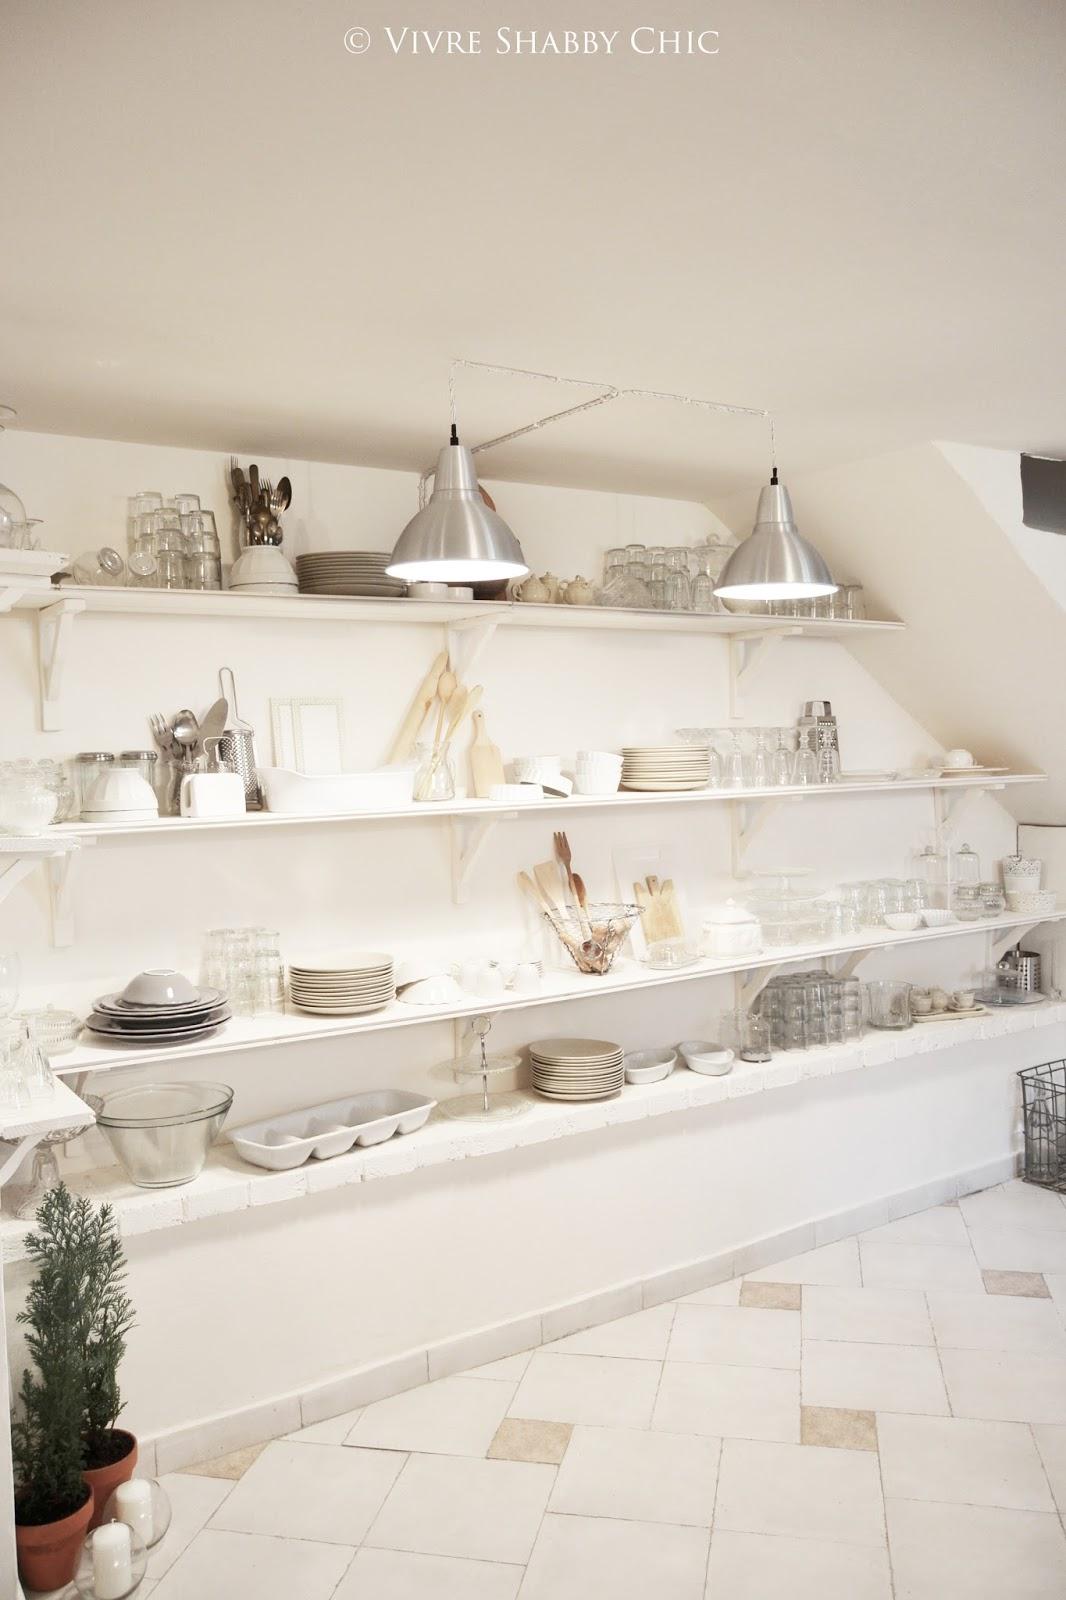 lampadari stile industriale da parete : Vivre shabby chic: un tocco di stile industriale: nuove lampade in ...